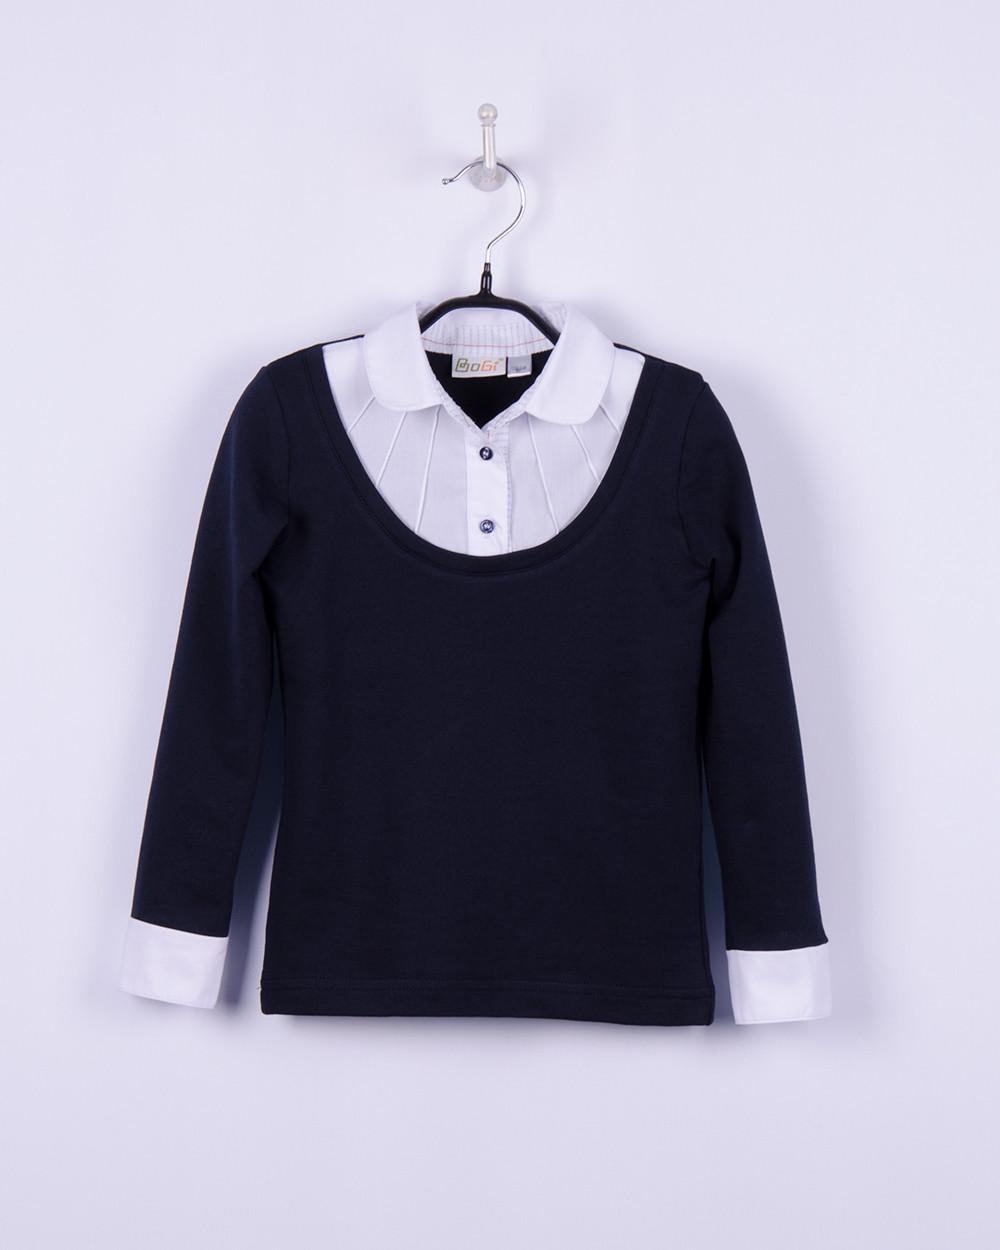 Трикотажная рубашка - обманка для девочки, BOGI (Божи), синяя